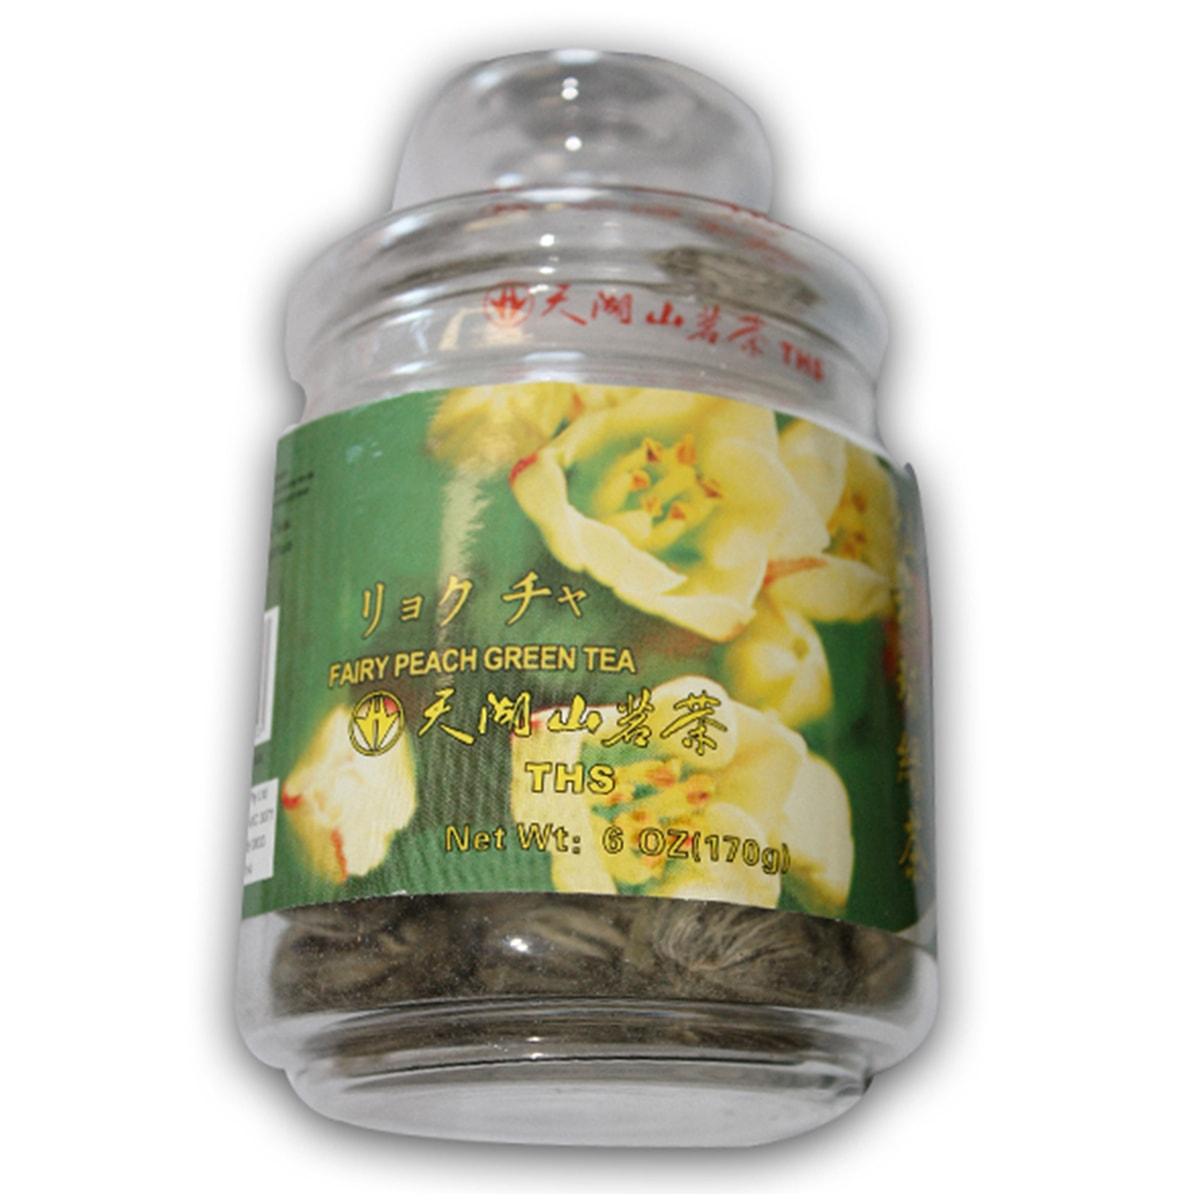 Buy Tian Hu Shan Fairy Peach Green Tea (Xiantao Ball Green Tea) - 170 gm